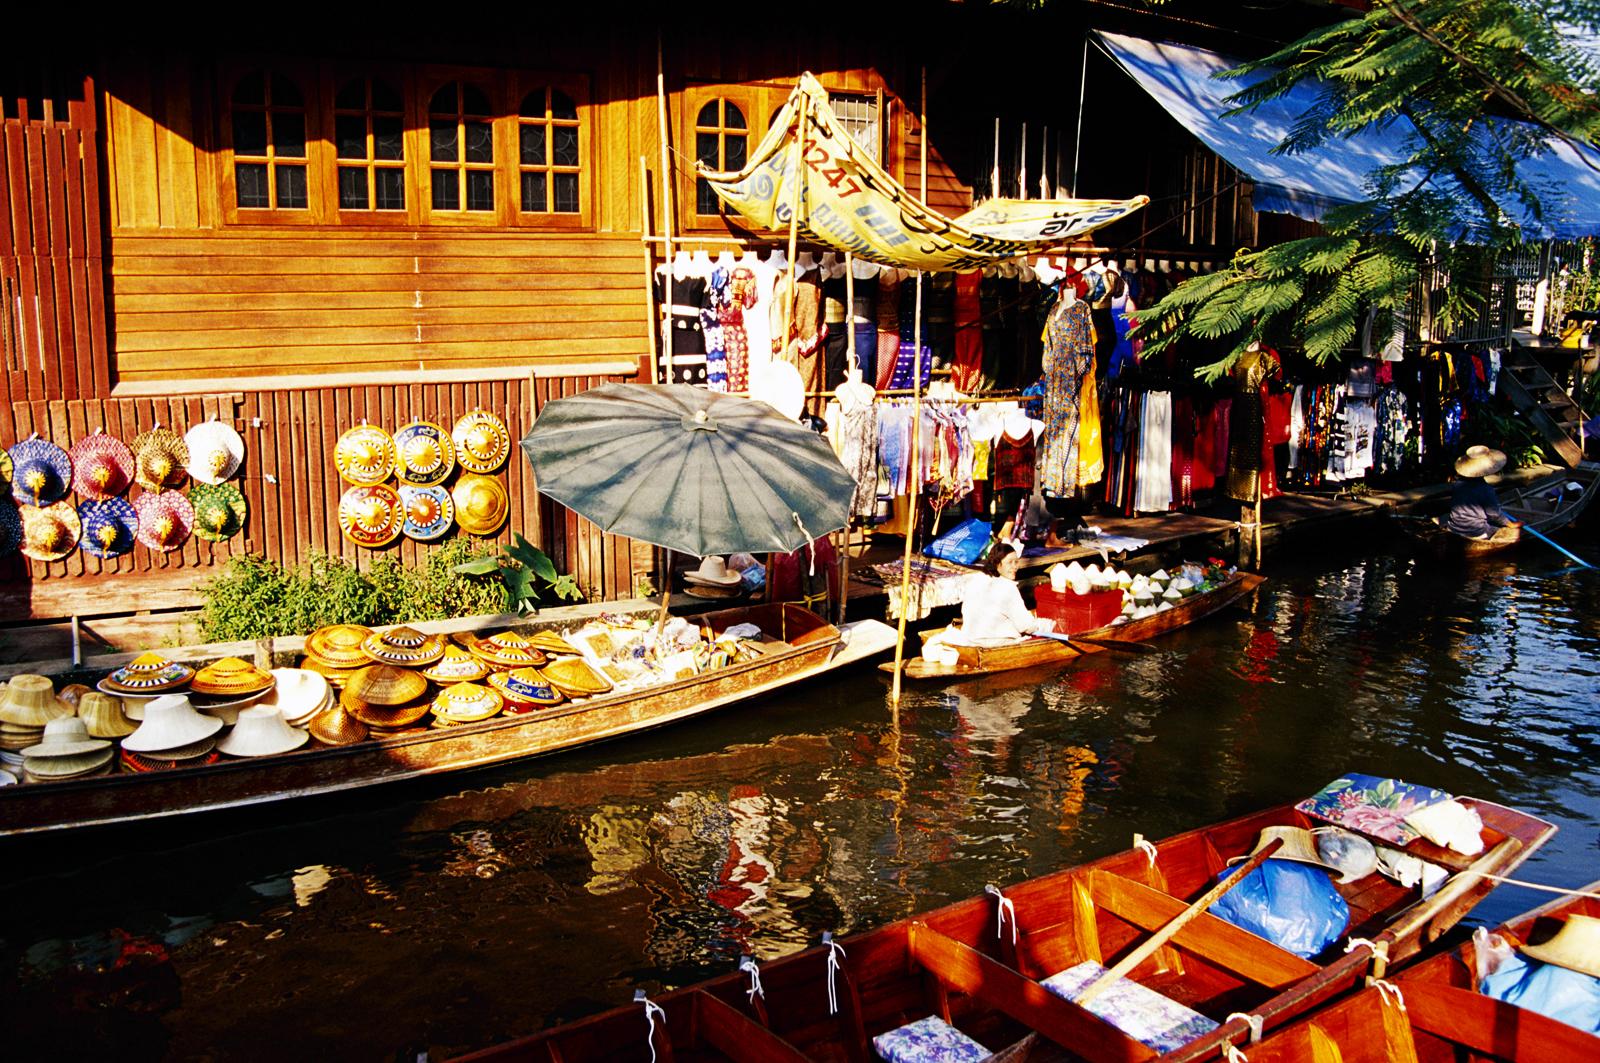 http://4.bp.blogspot.com/-BKS8rtp-xdE/UBsme8OAbYI/AAAAAAAADV8/GGwB5p4Mwd4/s1600/Thailand_Bangkok_Culturel_Staff_Local_Market_HD_Wallpaper-Vvallpaper.Net.jpg